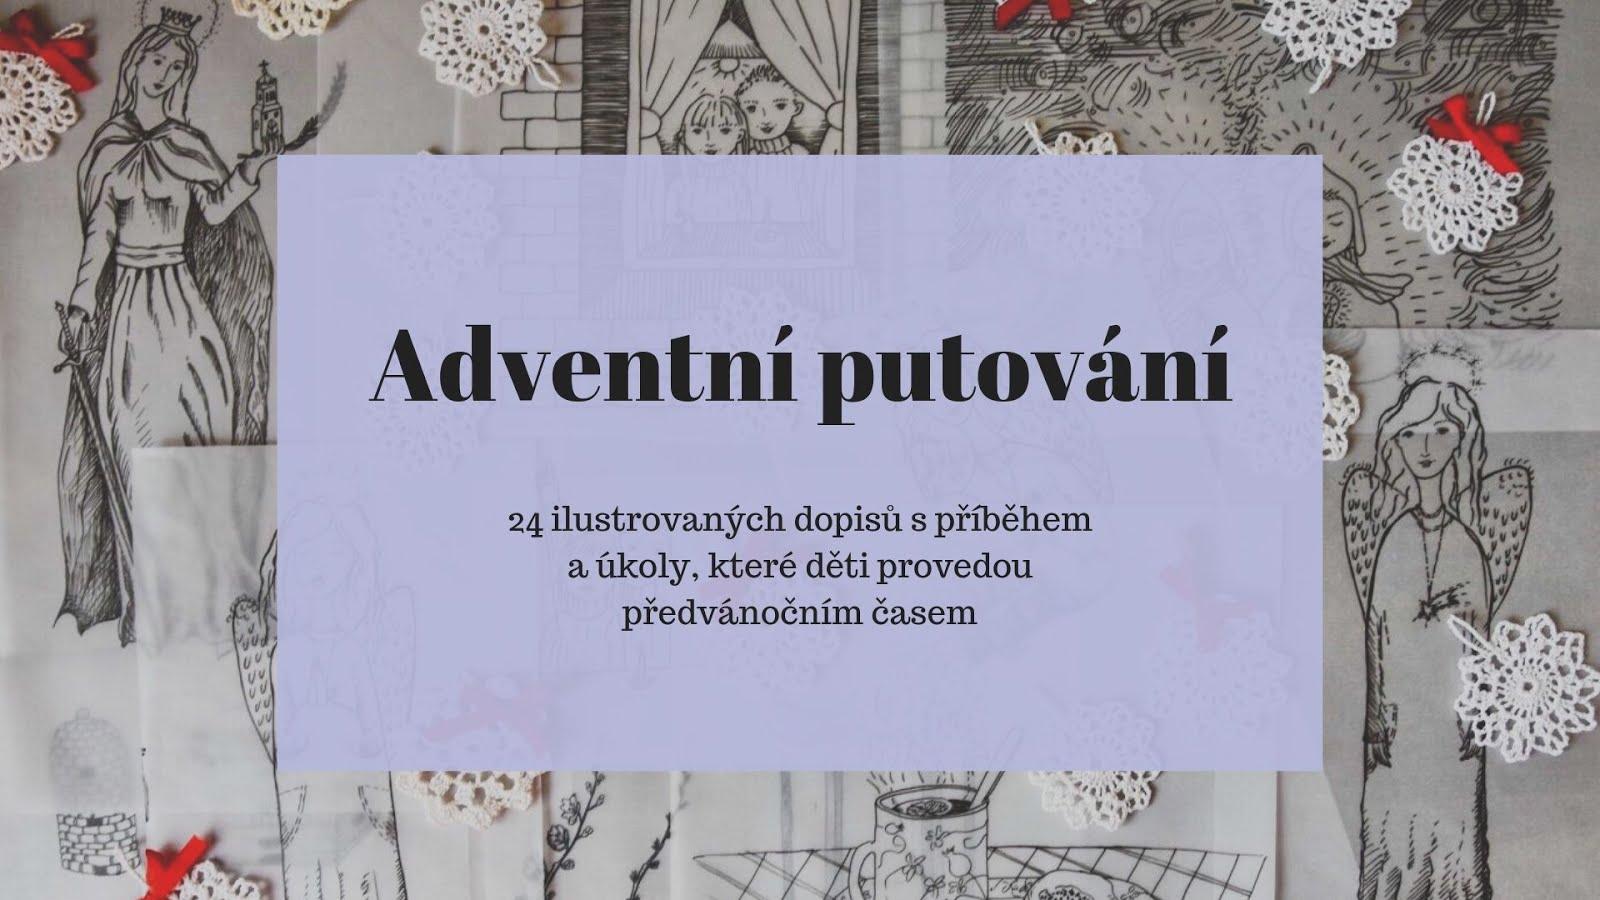 Adventní putování